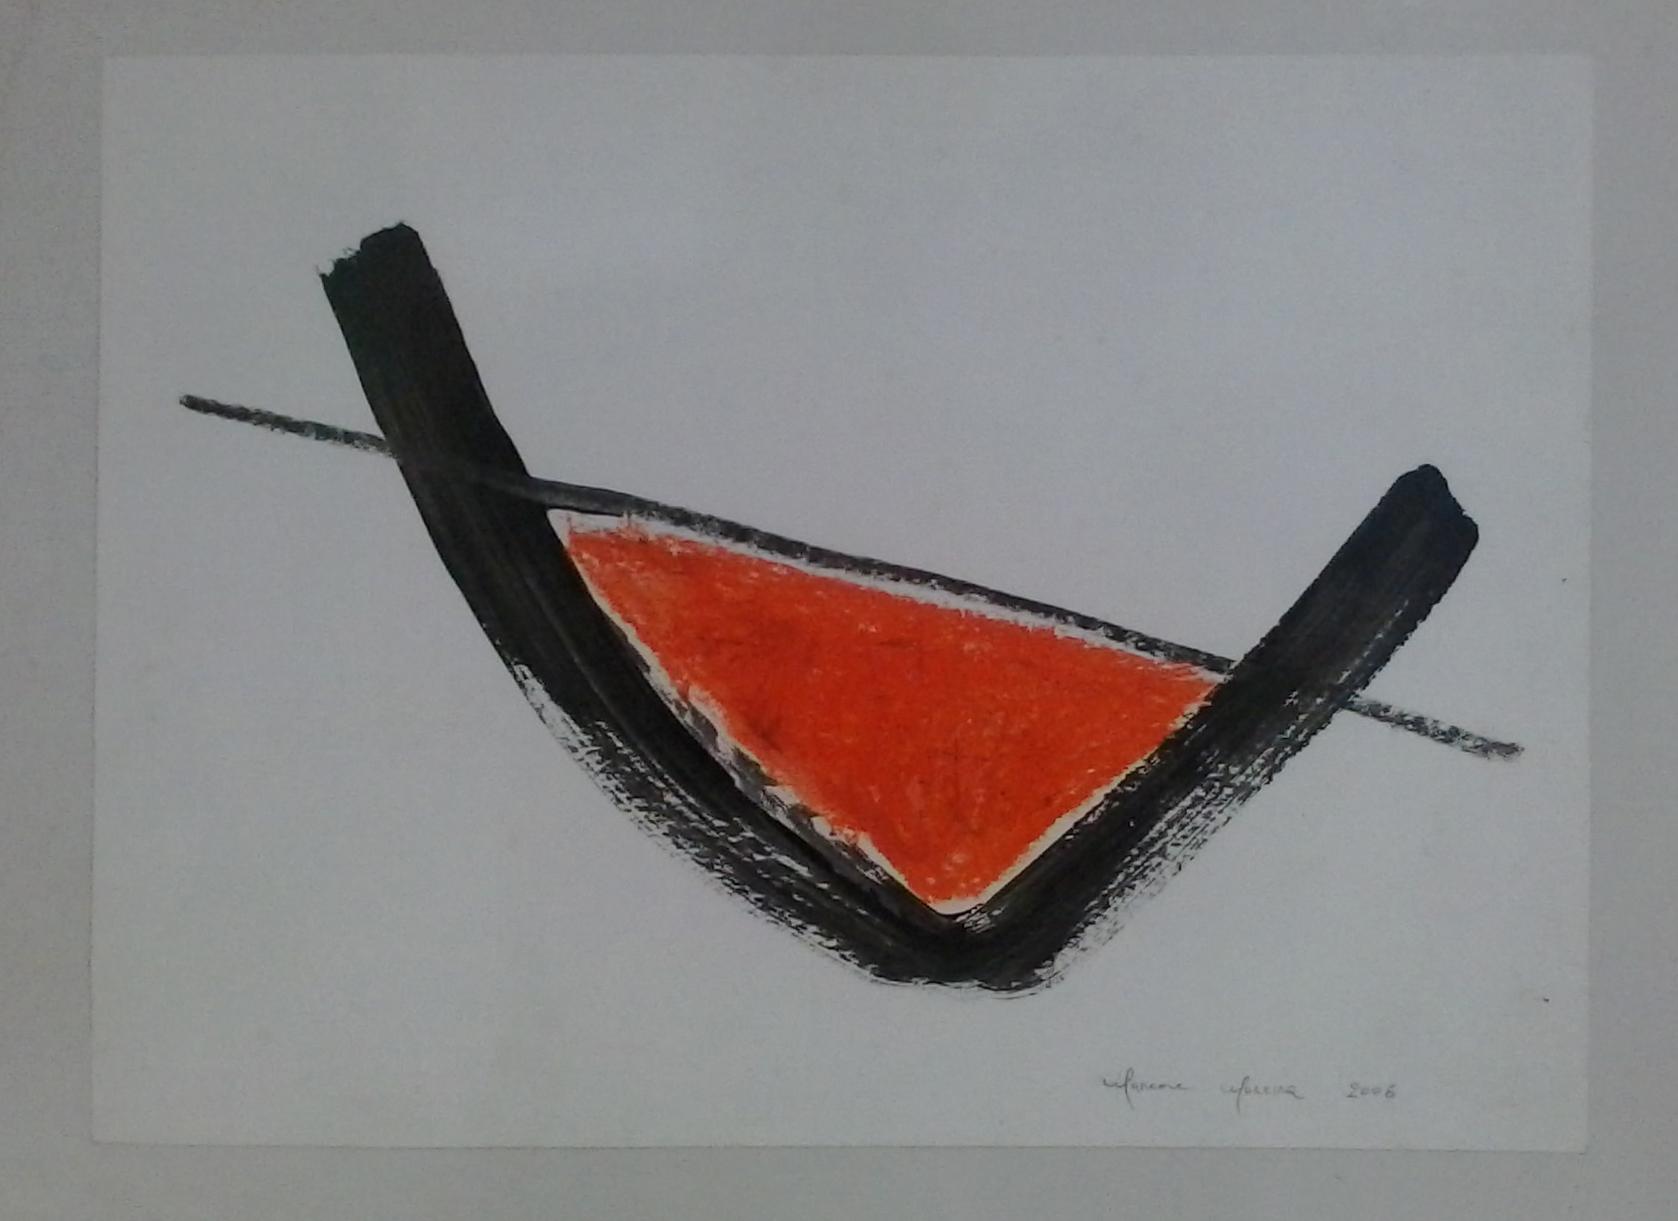 Marcone_Moreira_-_Abstração_vermelha,2006._Mista_s_papel,_47_x_60